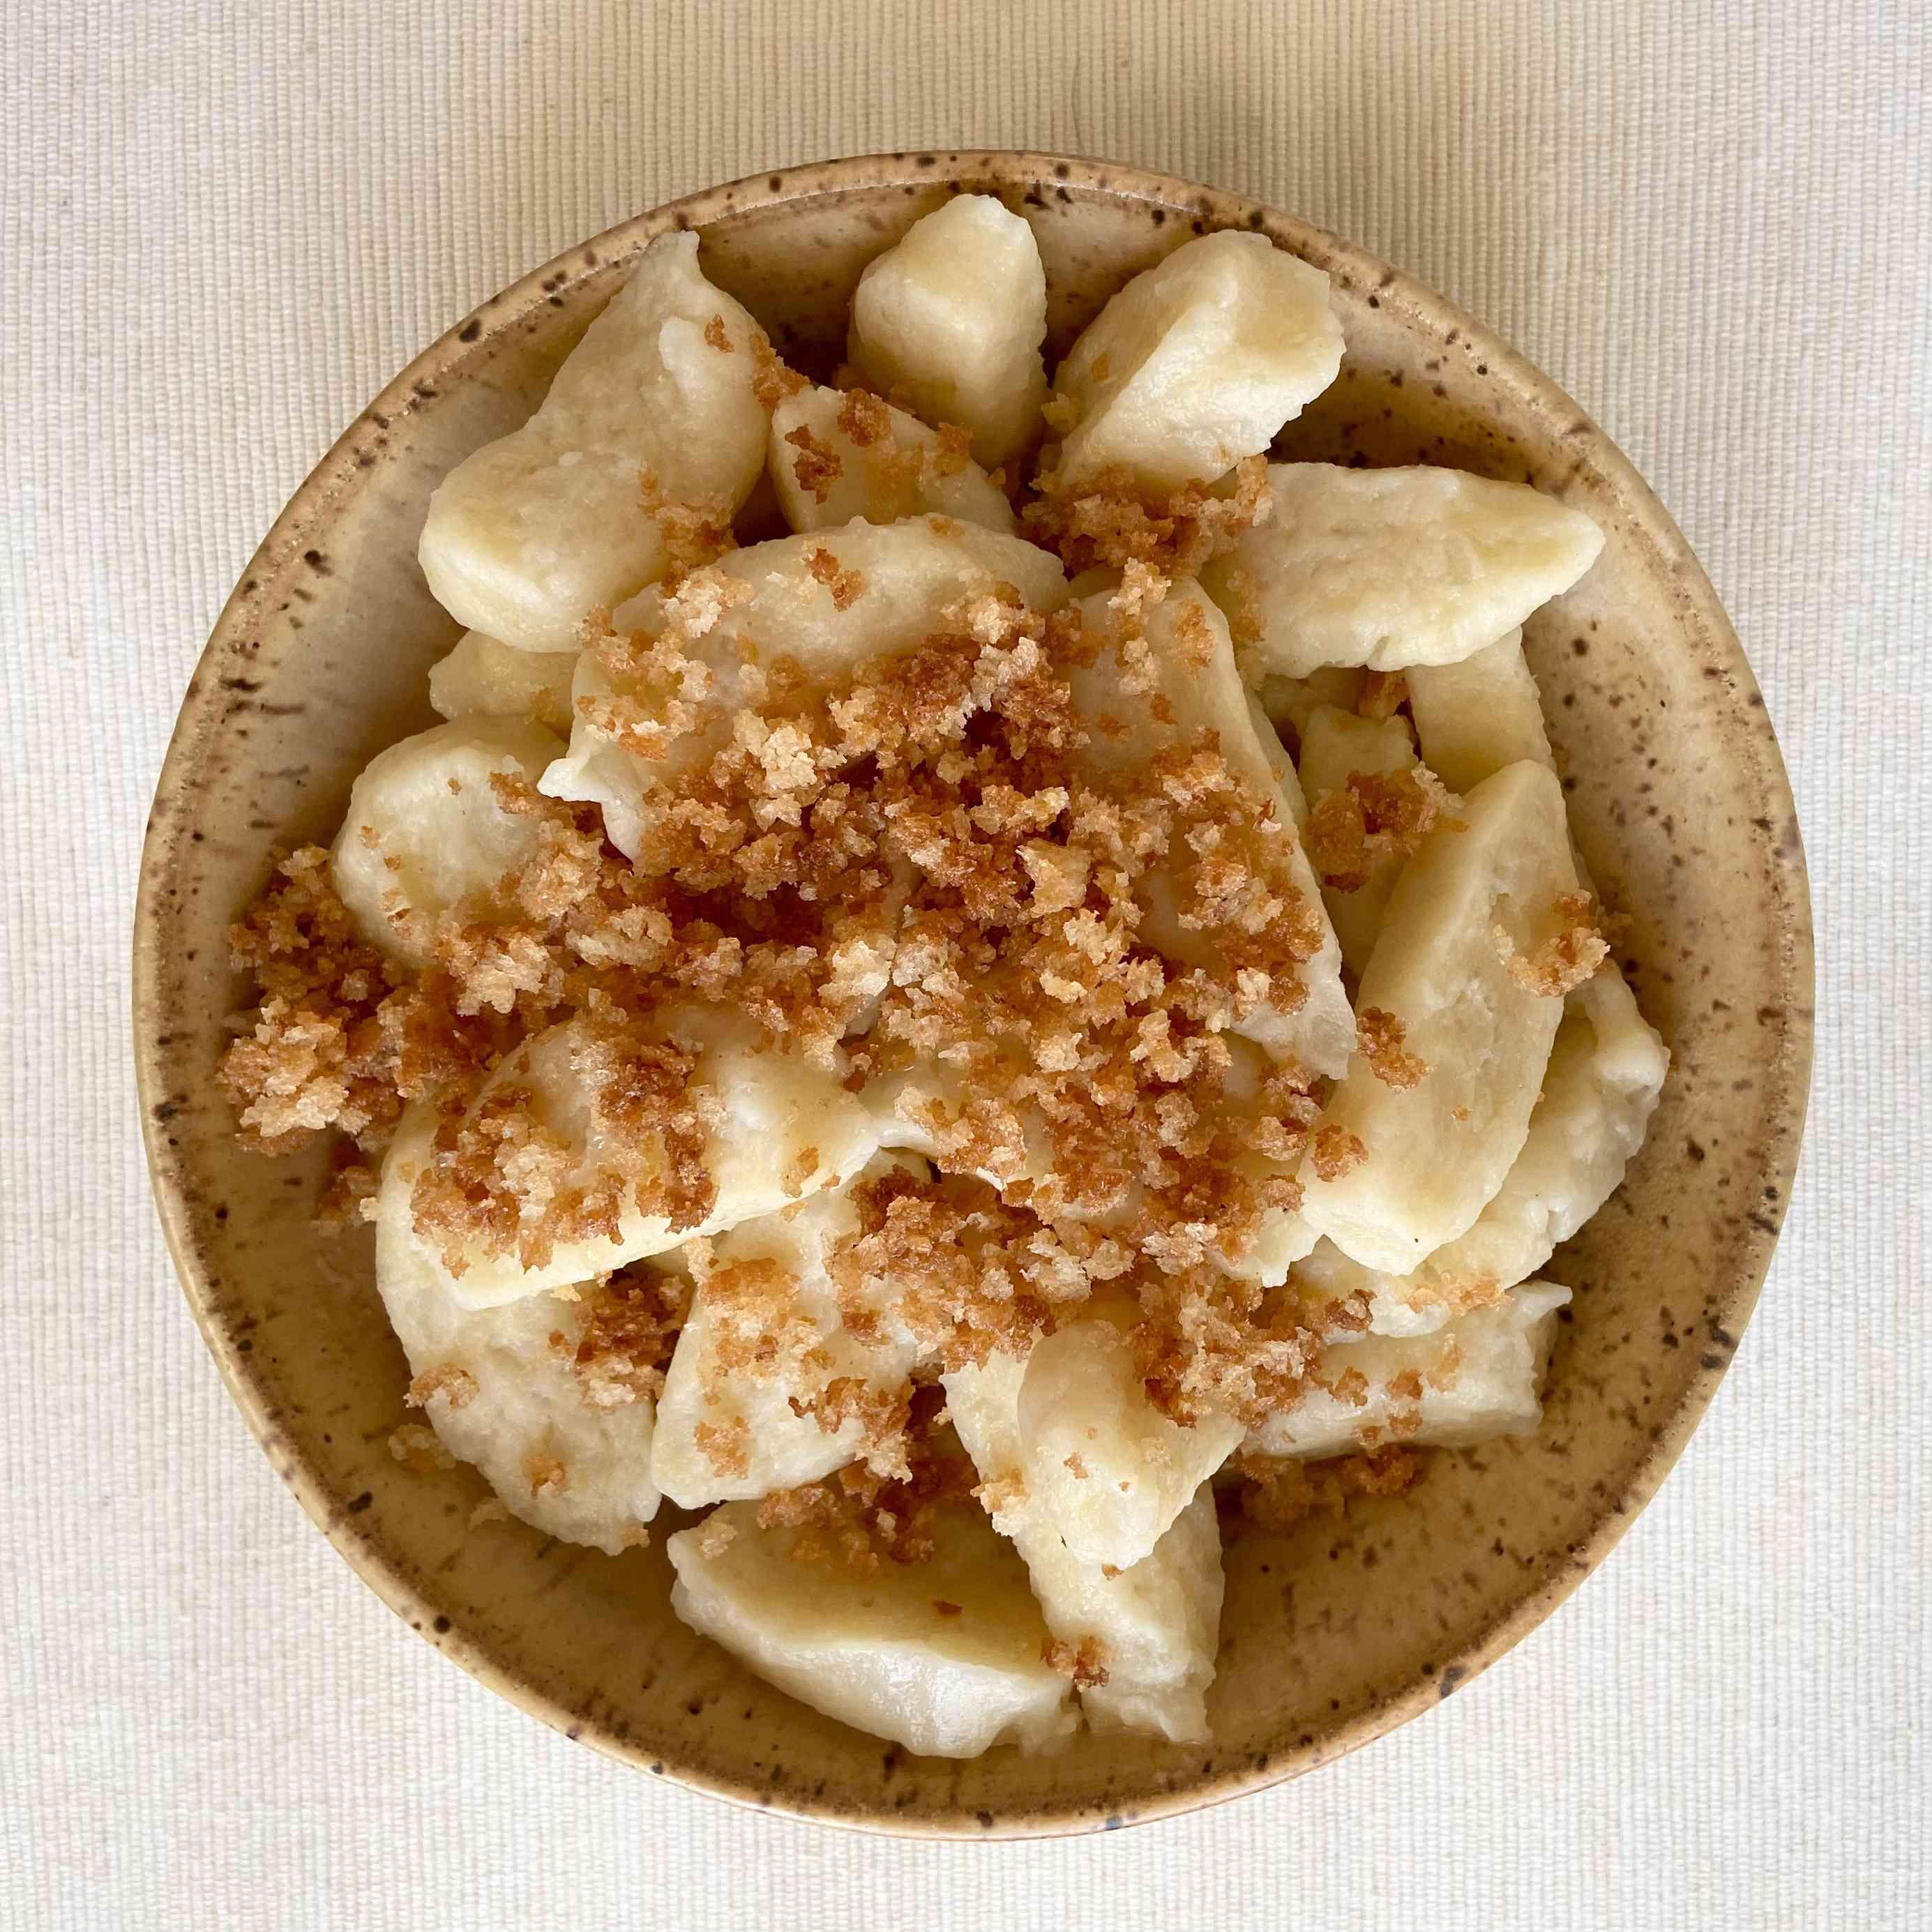 Polish mashed potato dumplings